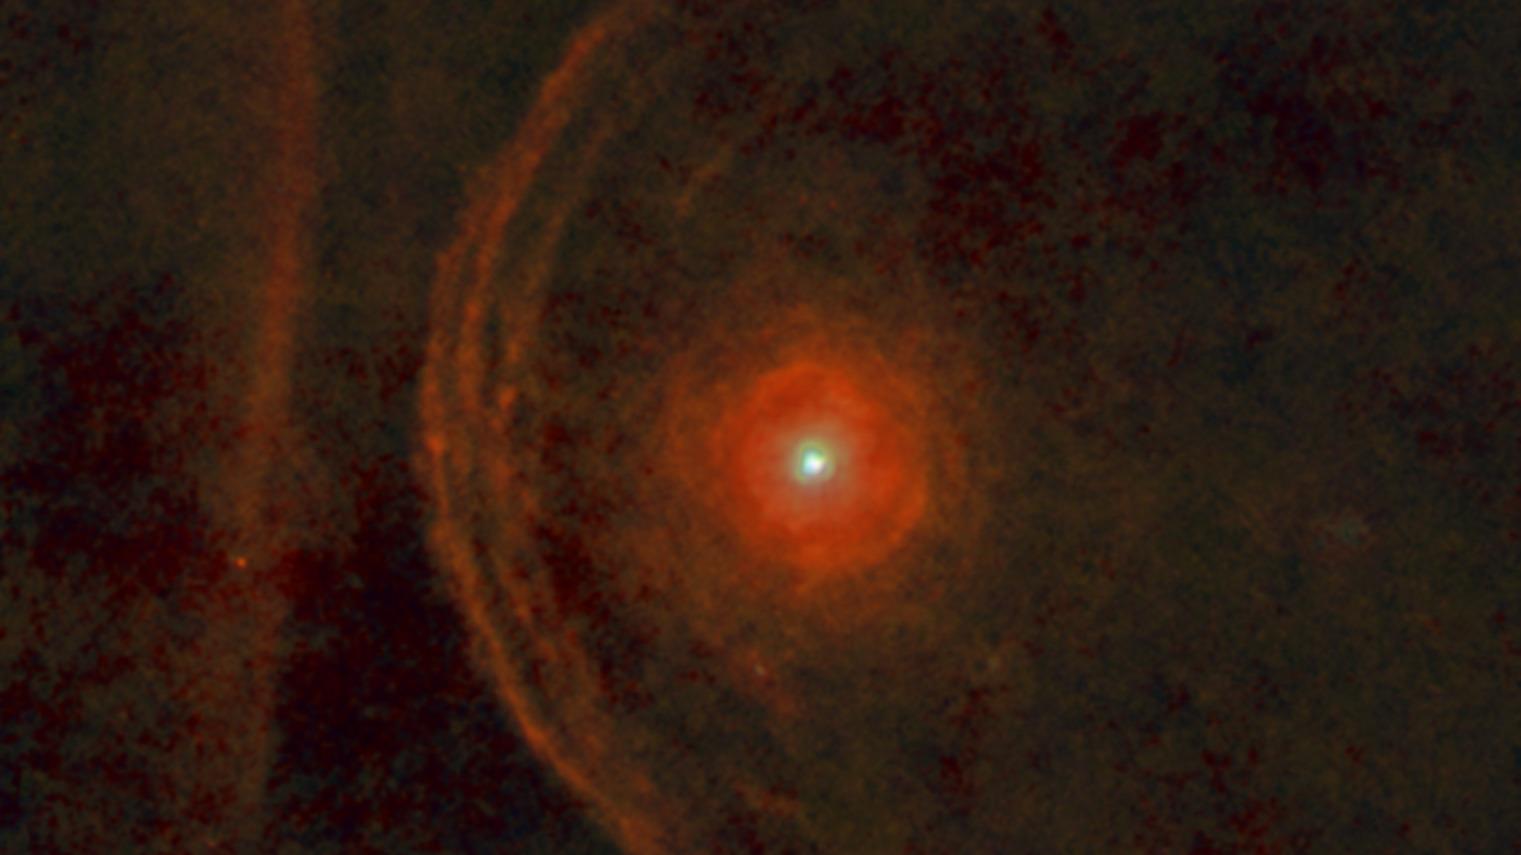 Stjärnan Betelgeuse lyser med full ljusstyrka igen